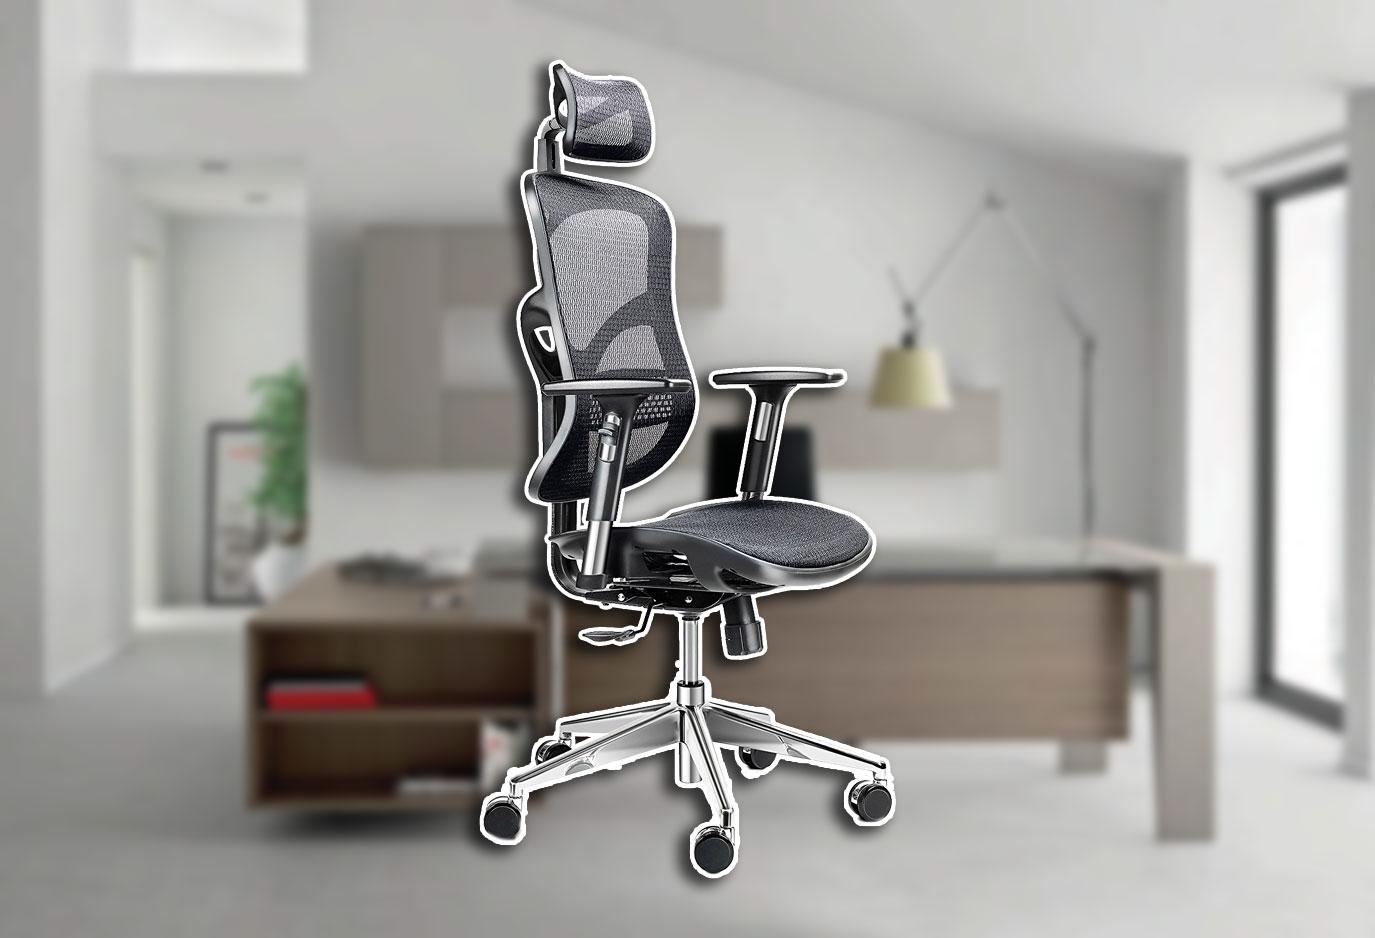 Sedie da ufficio le migliori da comprare chimerarevo for Sedute da ufficio